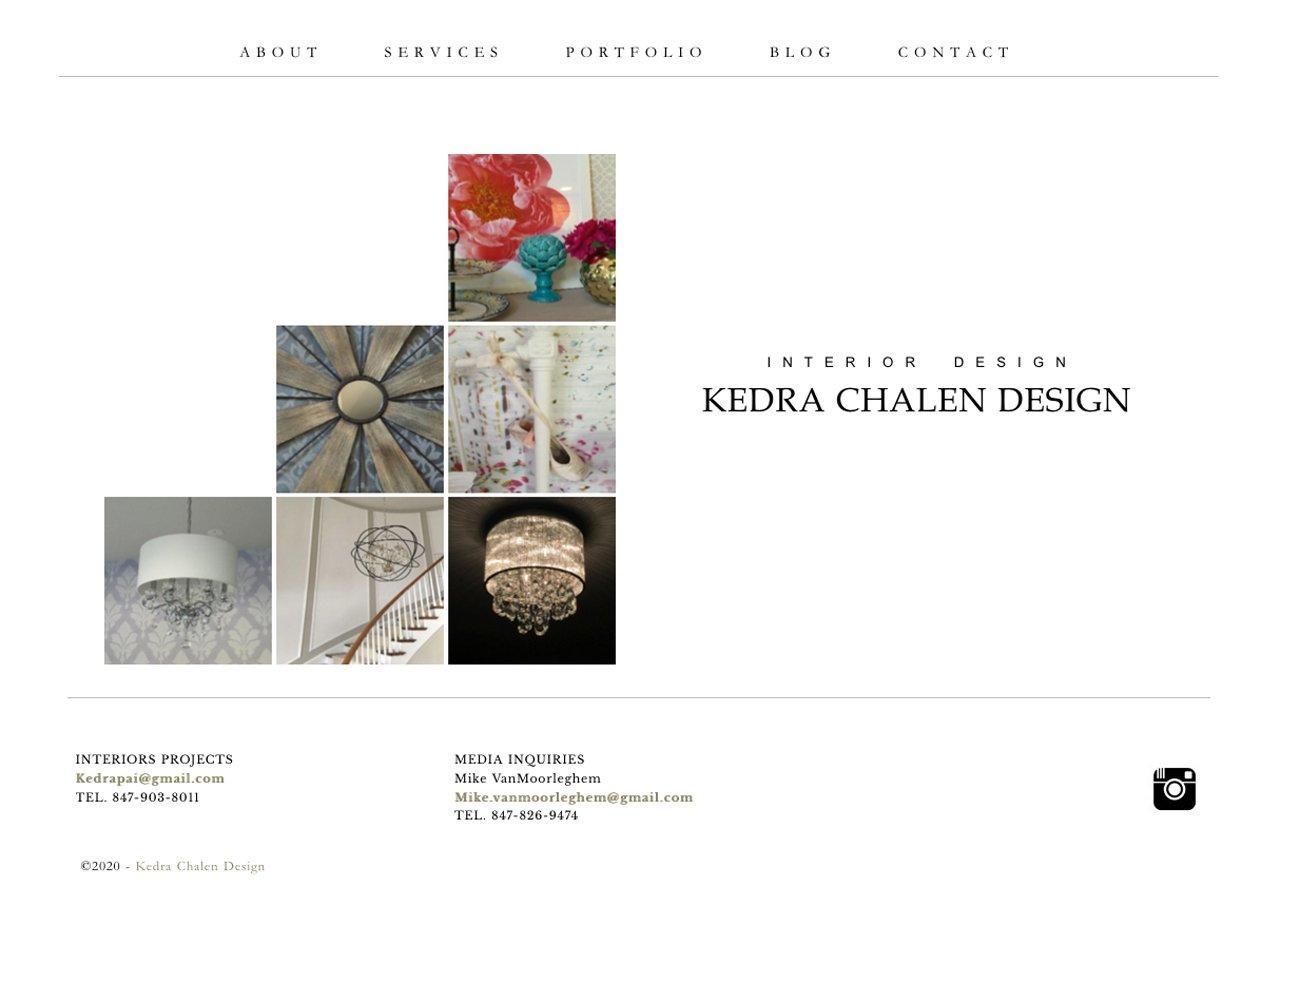 Kedra-Chalen-Design